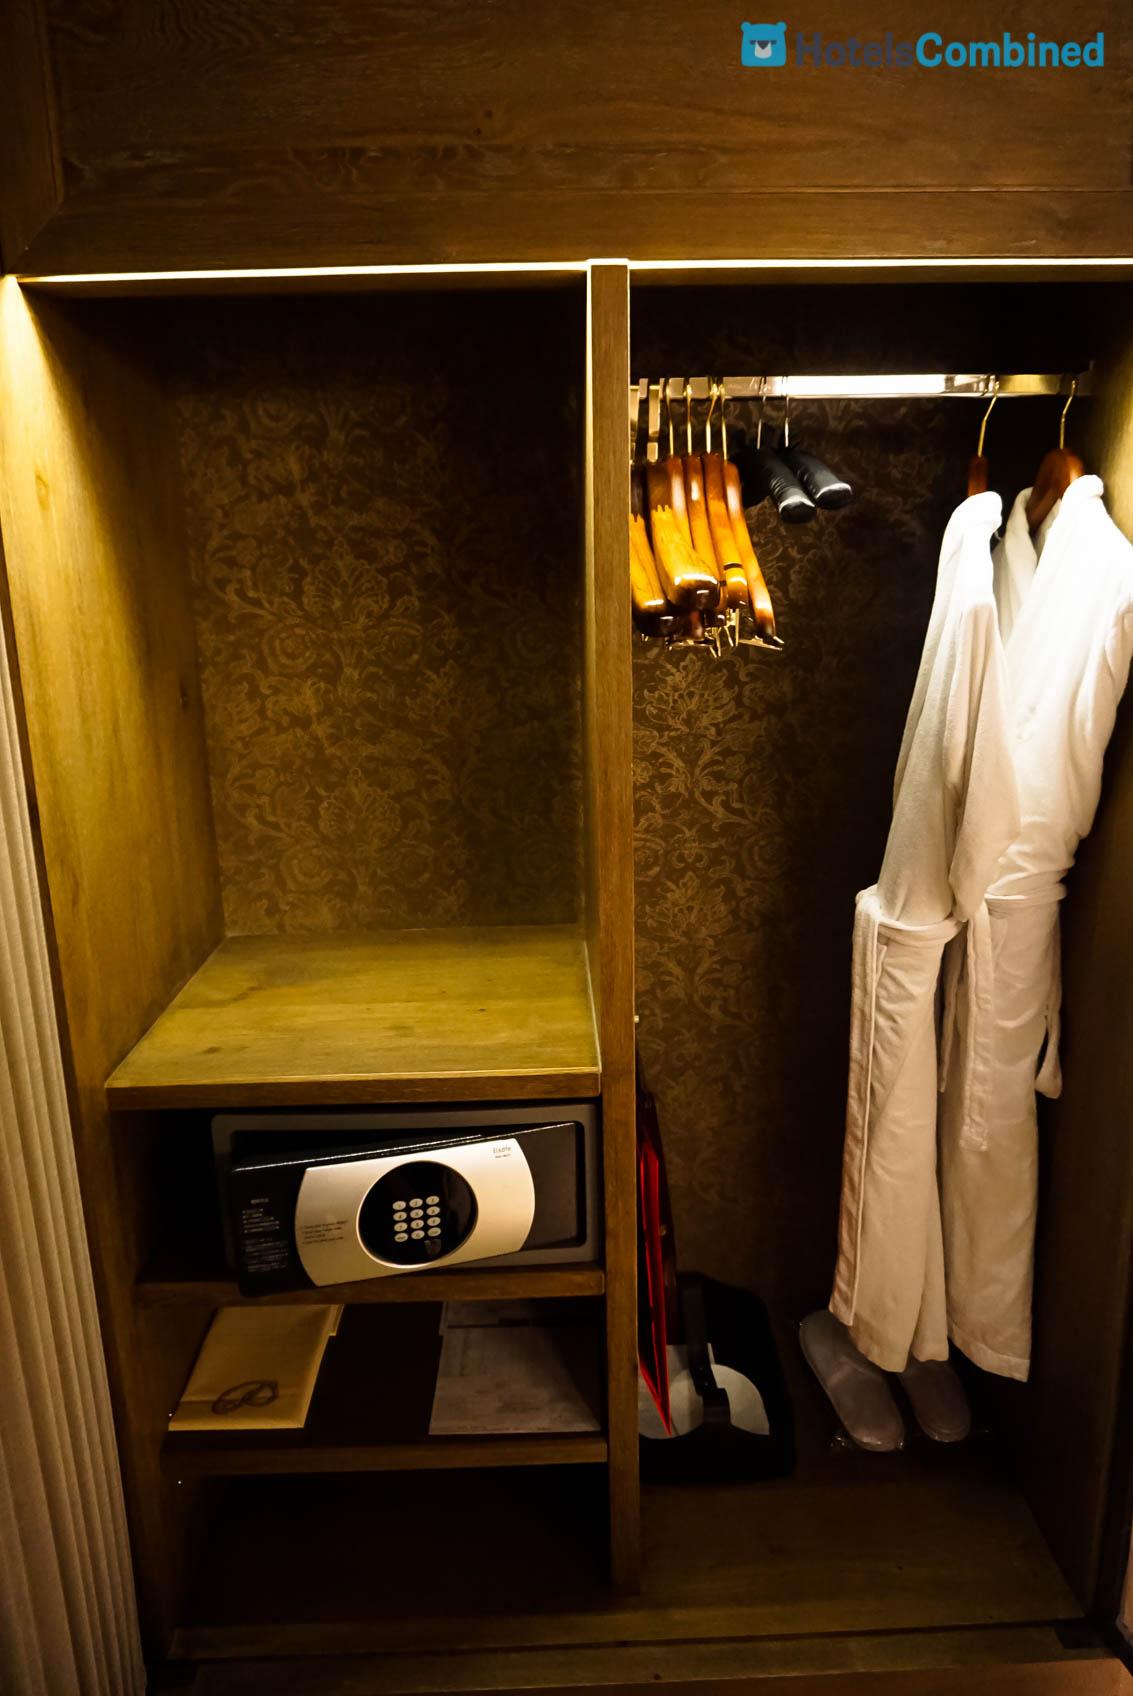 ตู้เสื้อผ้า และตู้นิรภัย (เราใช้บ่อยเวลาเก็บ Passport เอาออกไปข้างนอกด้วยก็กลัวจะหาย)